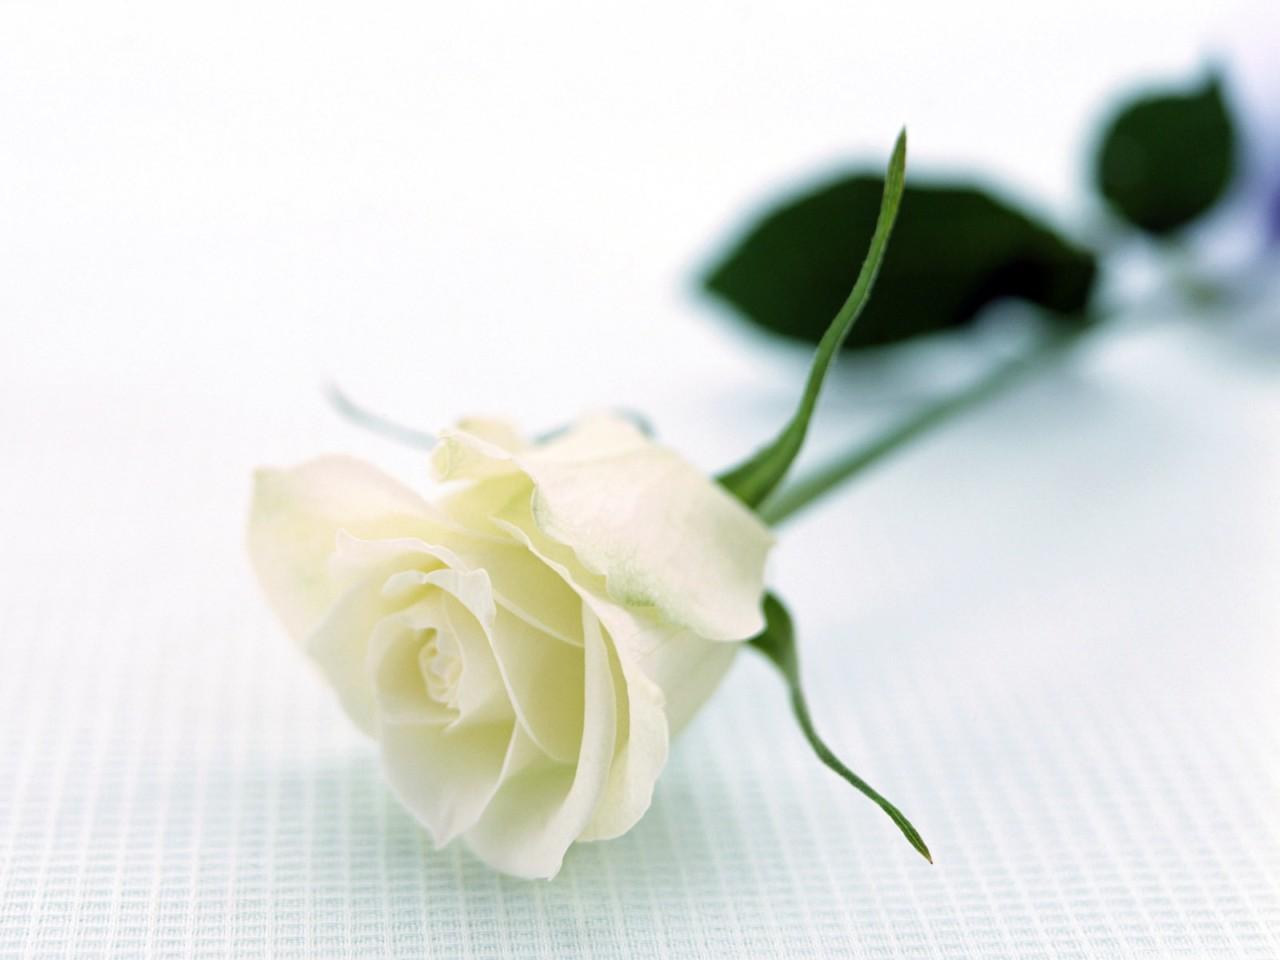 Bông hồng trắng nằm nghiêng